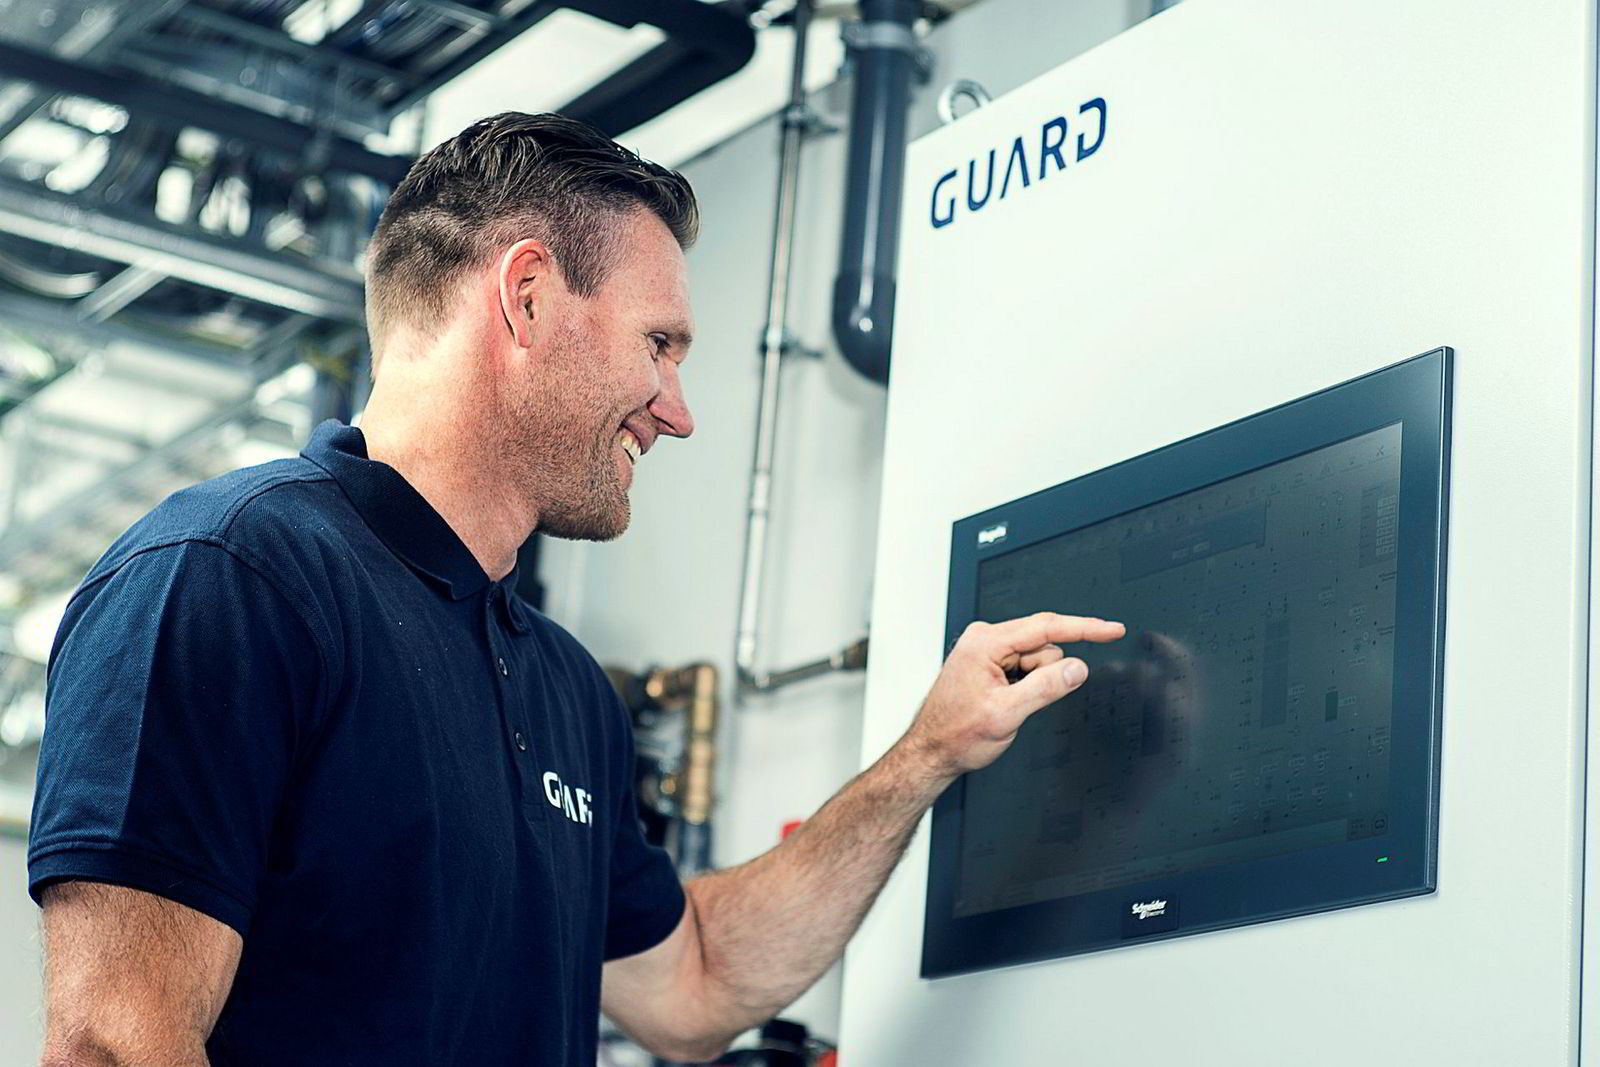 Jon Egil Ek er prosjektleder i Guard Automation og viser her hvordan alle tekniske systemer er digitalisert og samkjørt.